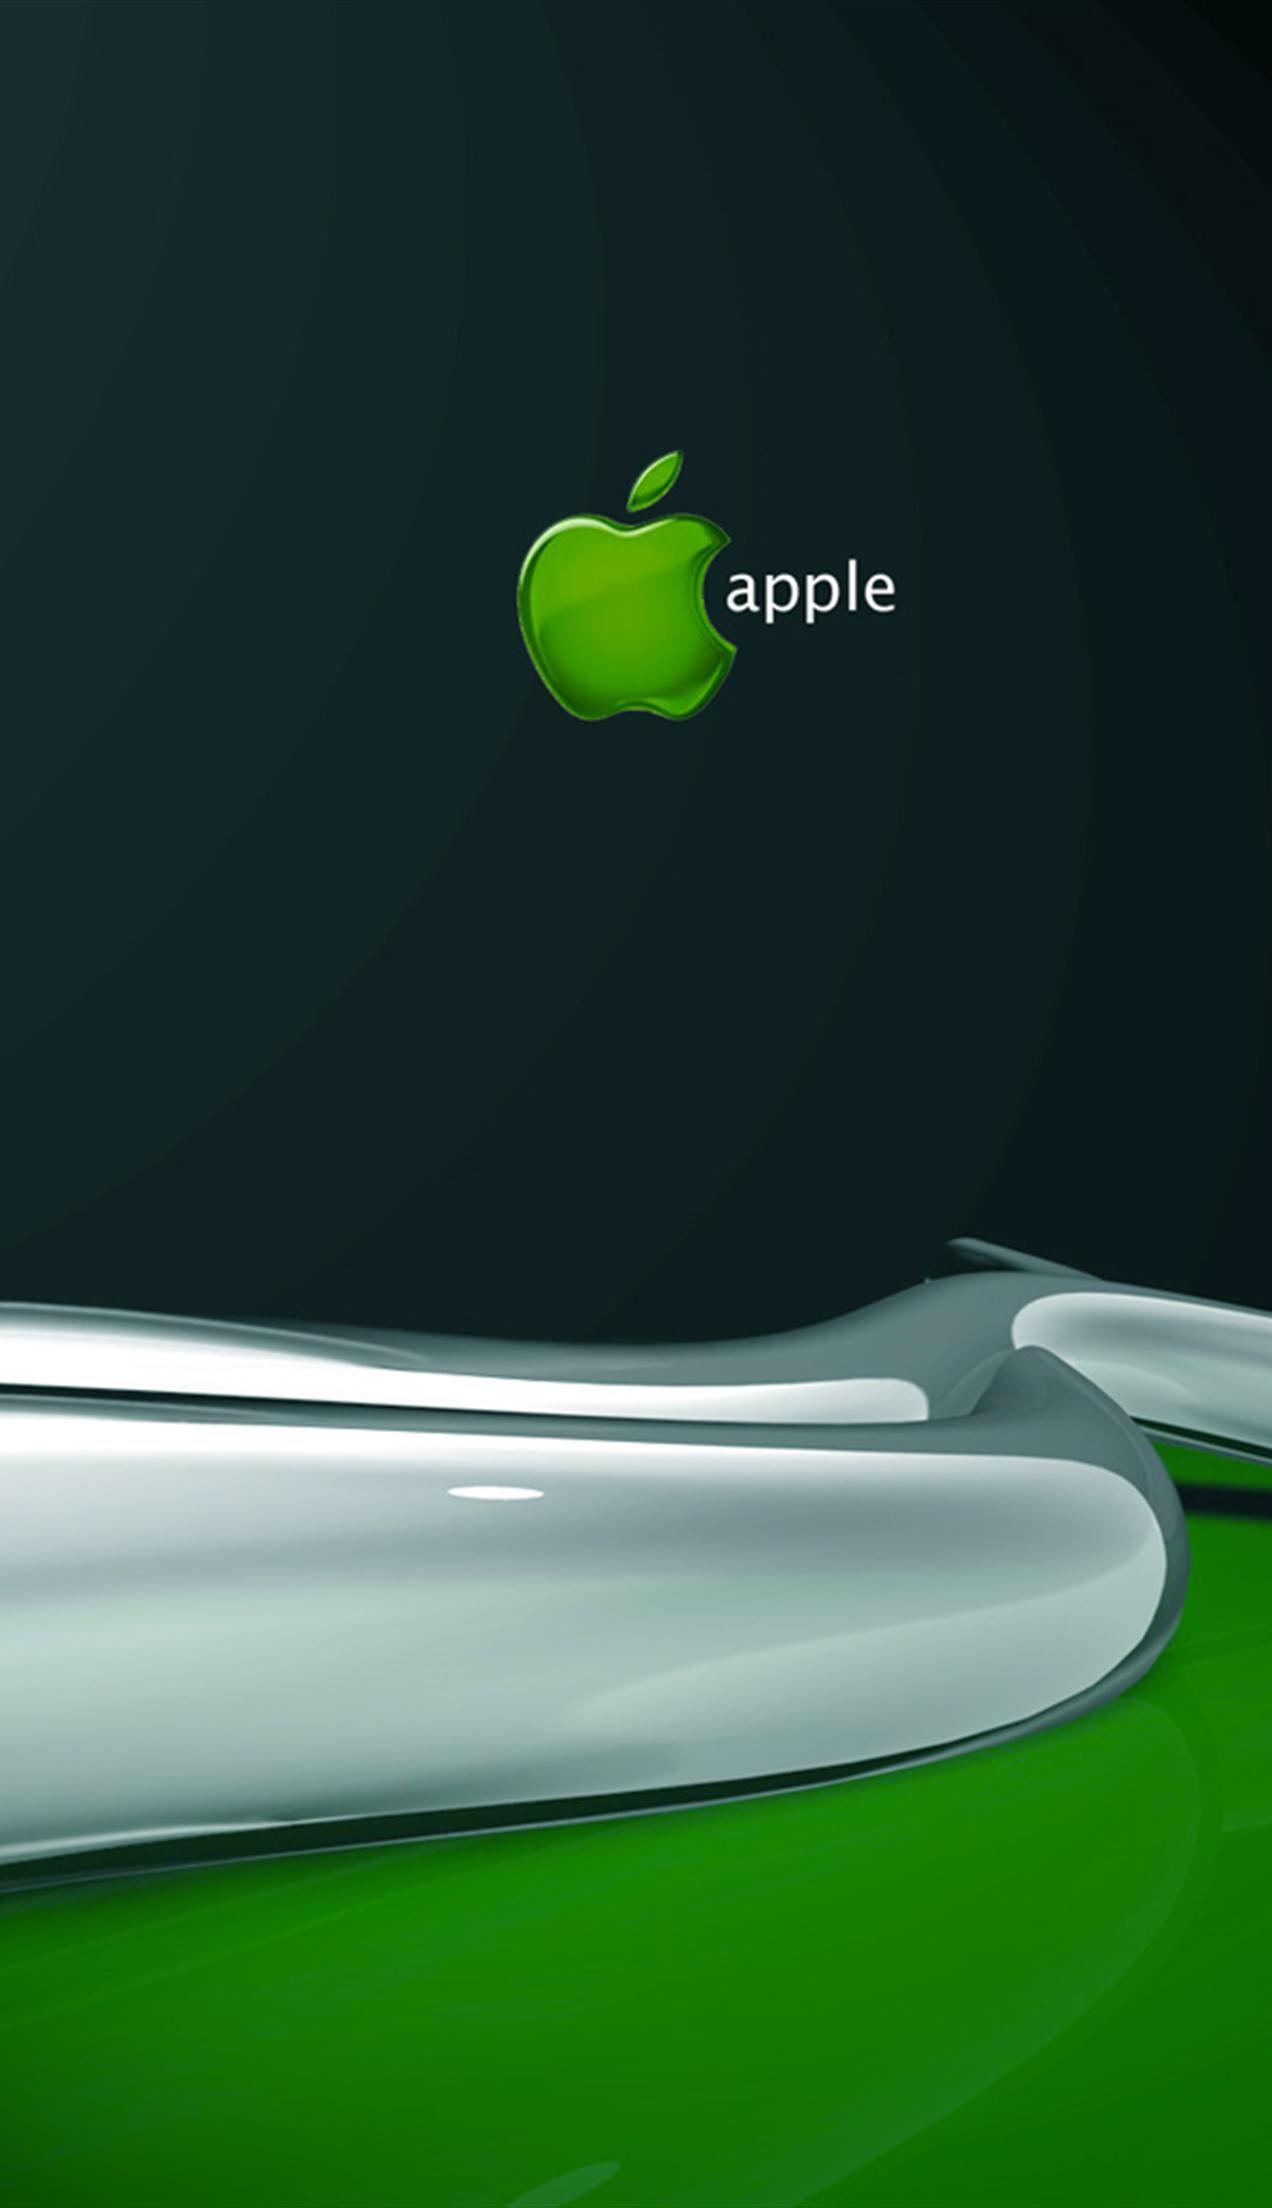 Pin De Elizabeth Lessa H Em Apple Wallpaper Papeis De Parede Para Iphone Papeis De Parede Album Fotografico